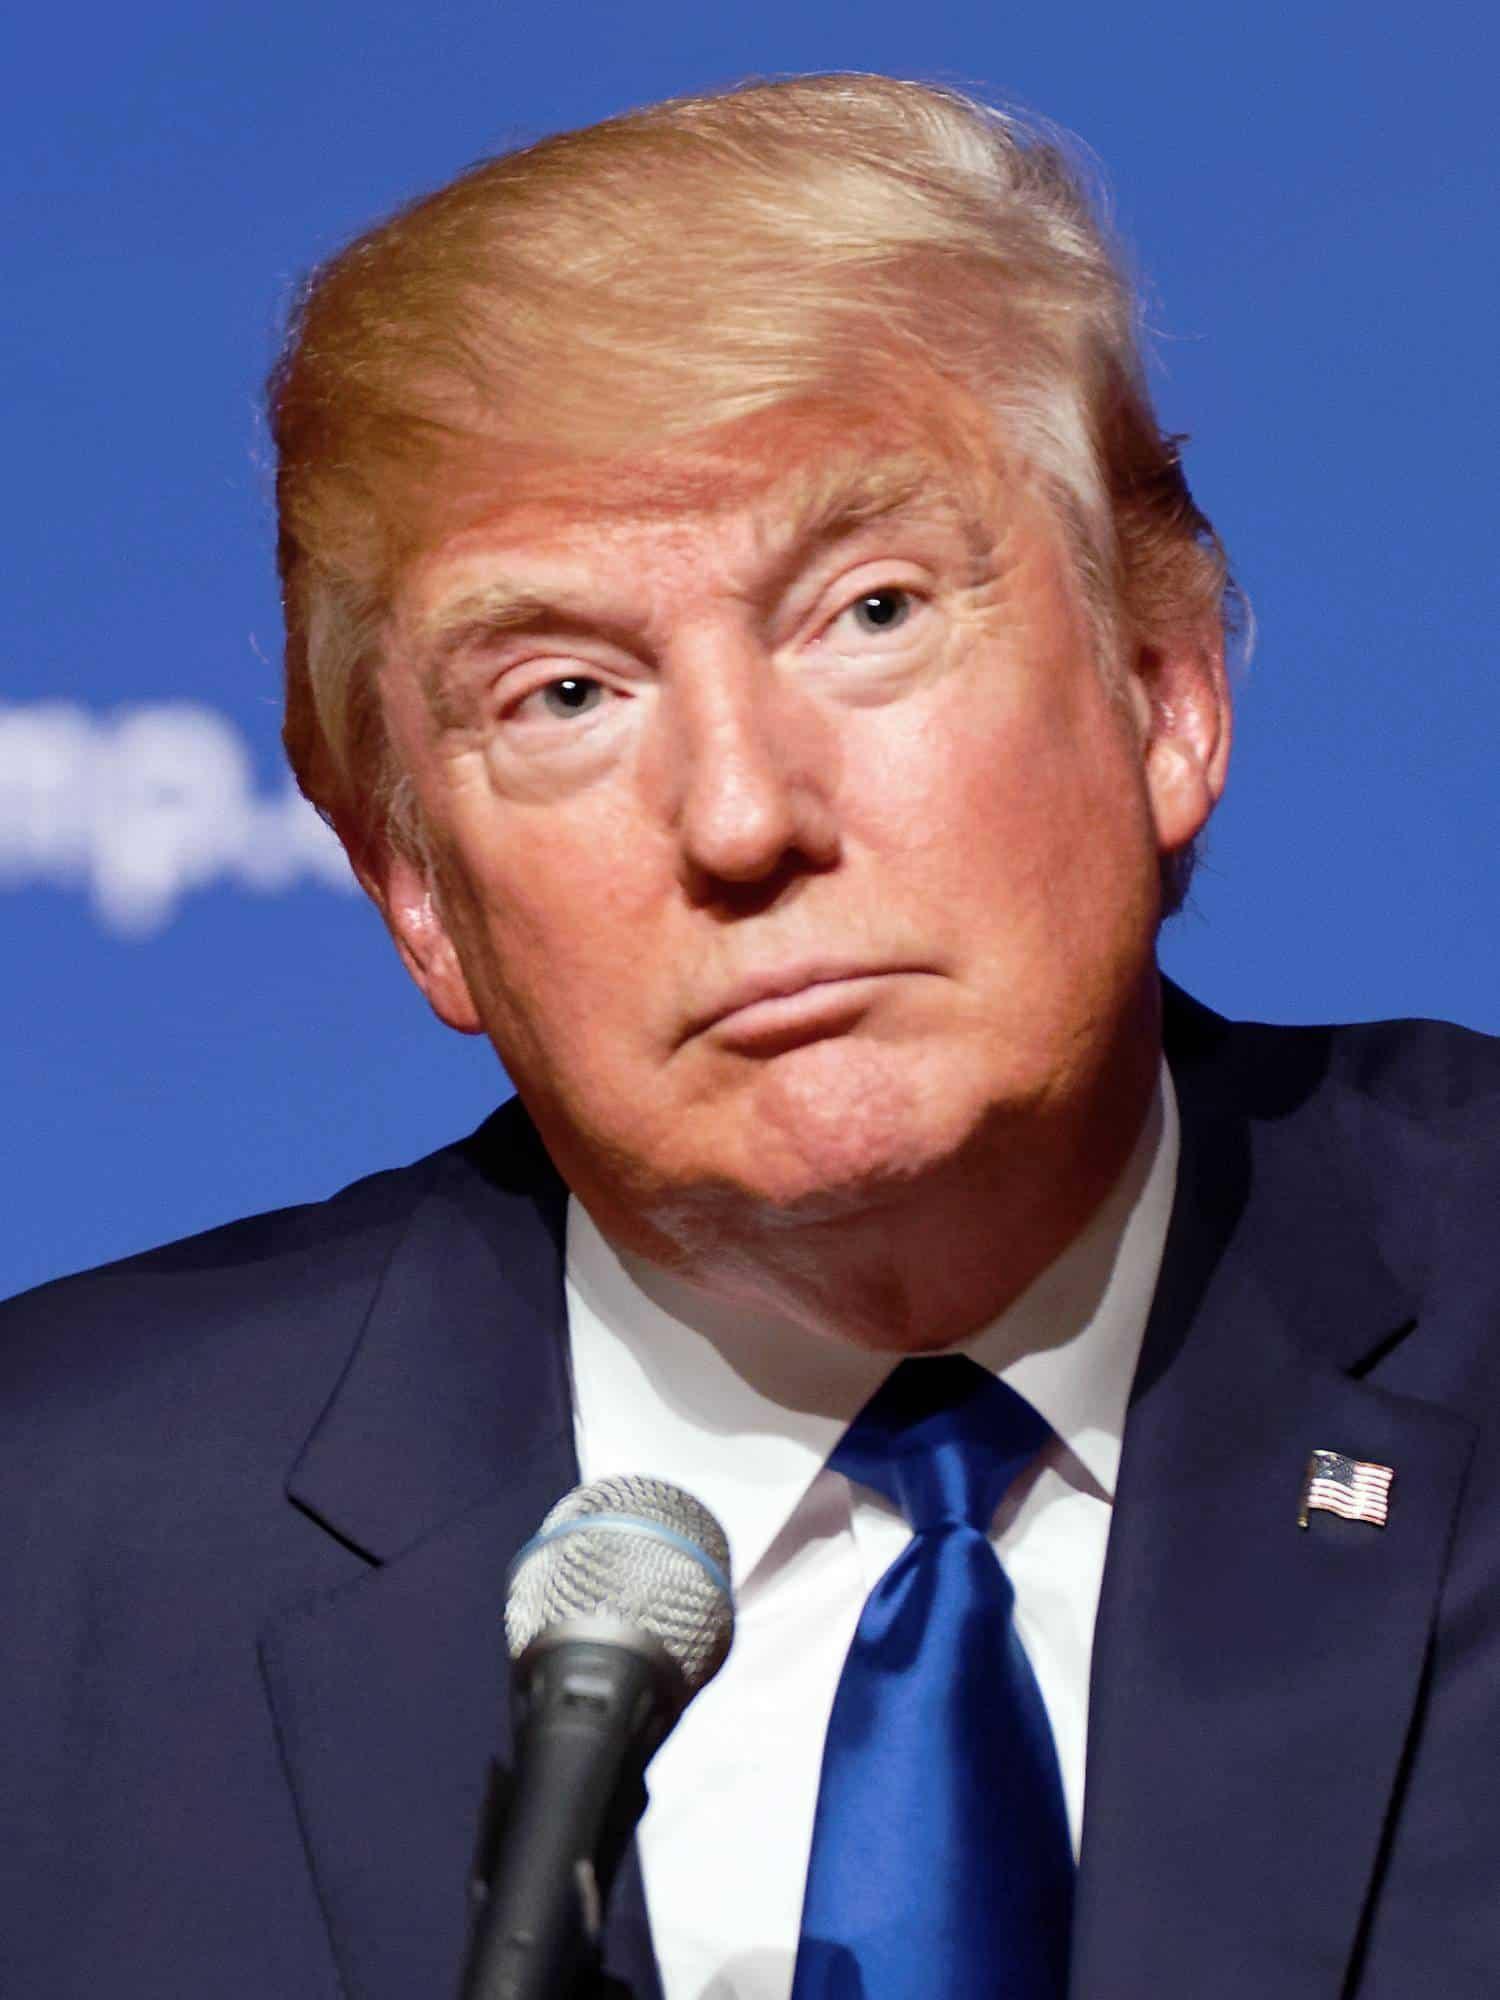 Qui Donald Trump a-t-il nommé à la tête de la diplomatie américaine ?